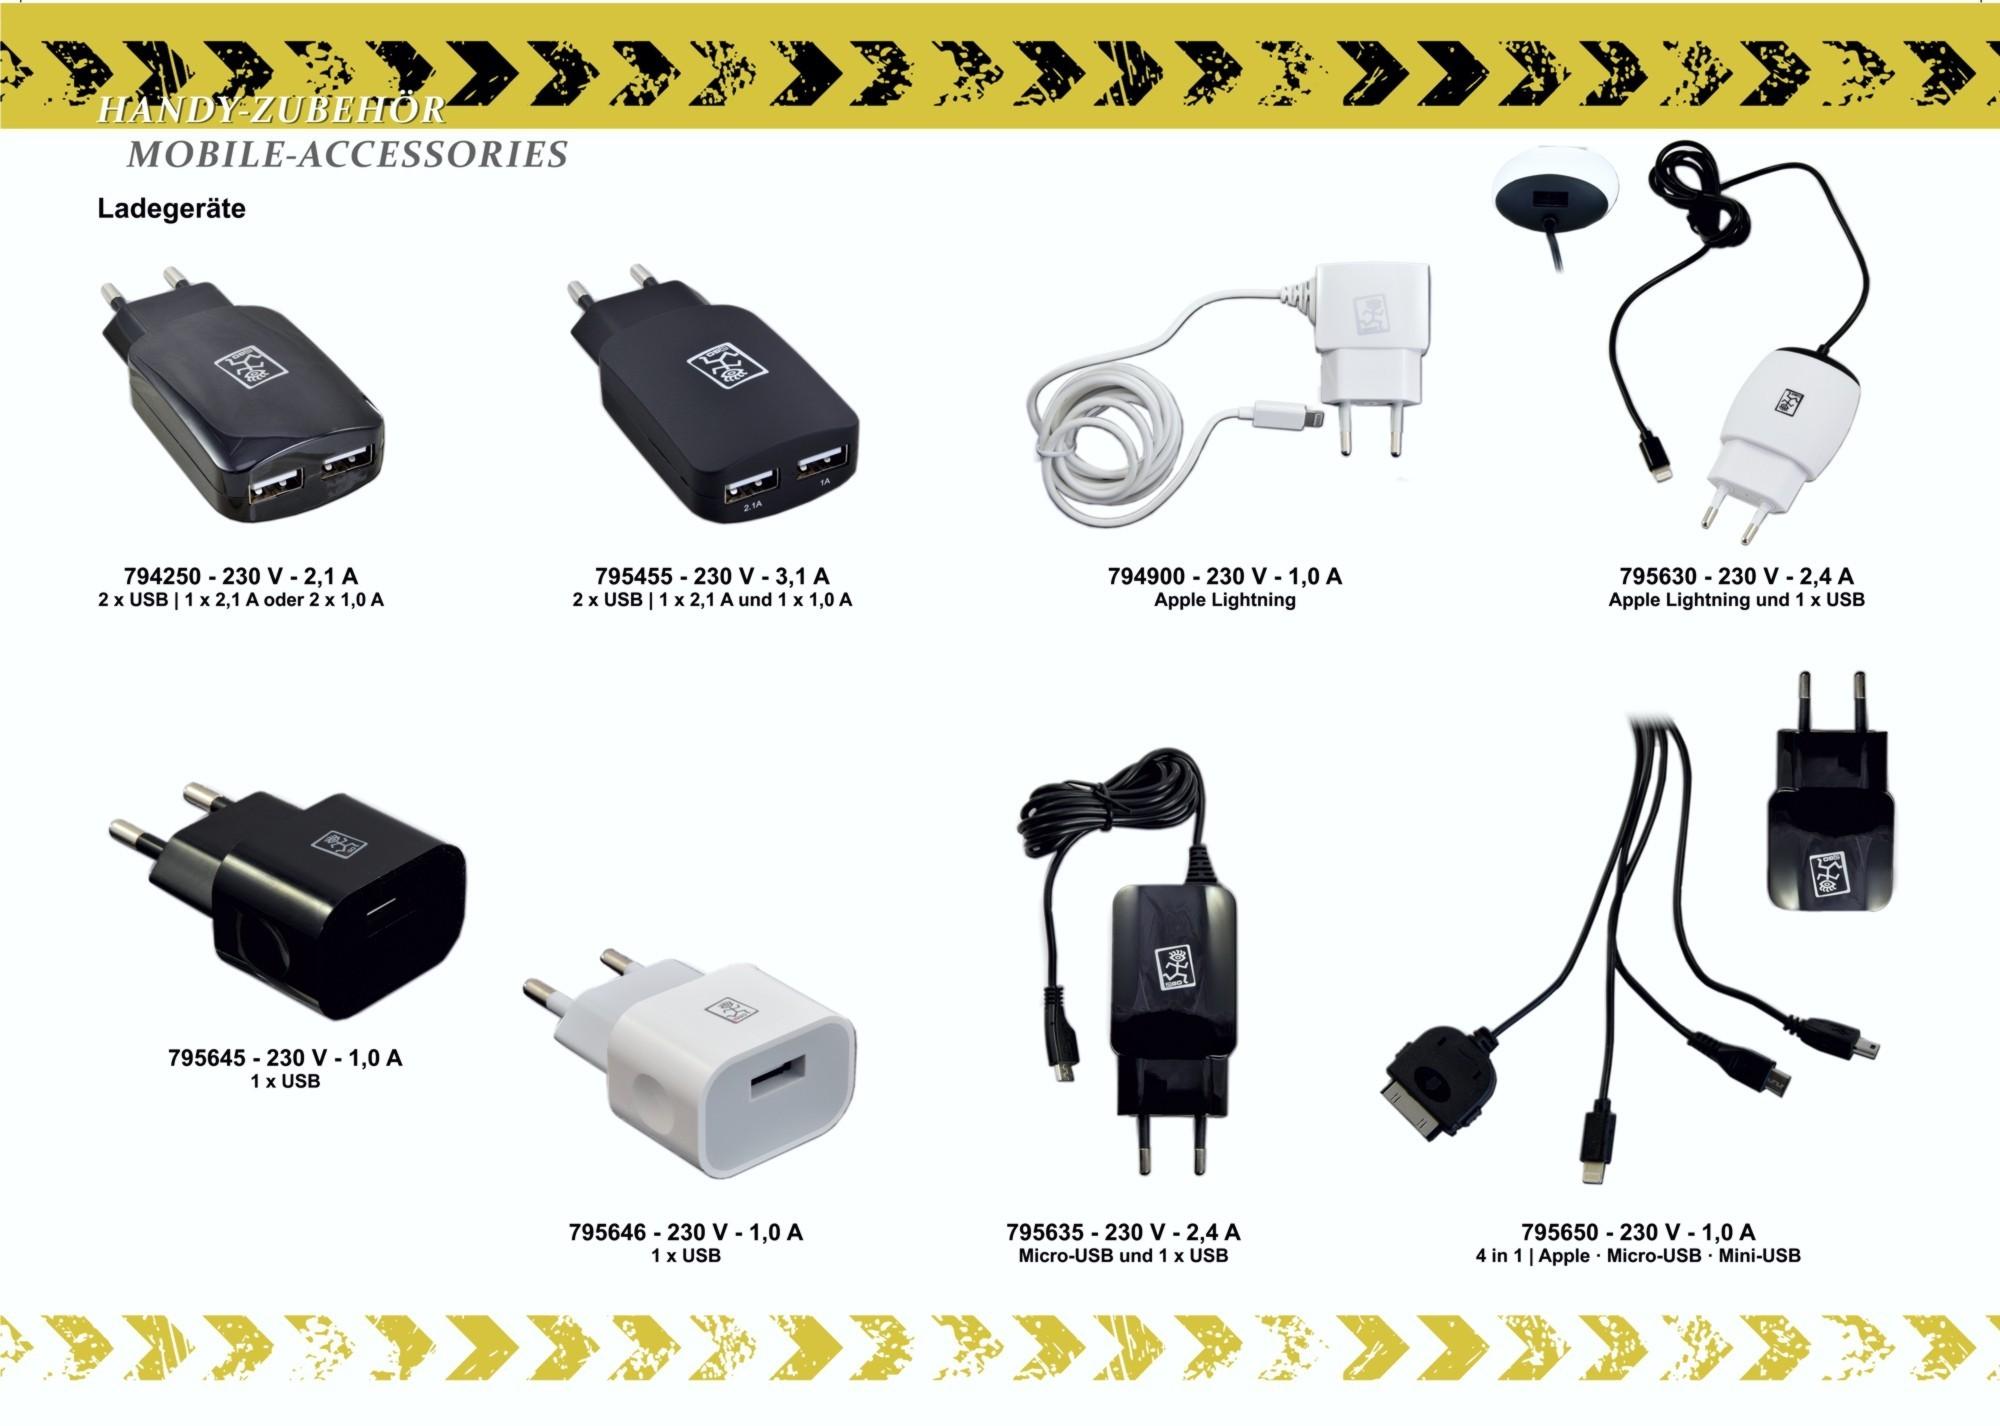 2GO Kfz-Ladegerät mit 2 USB-Anschlüssen – Bild 6